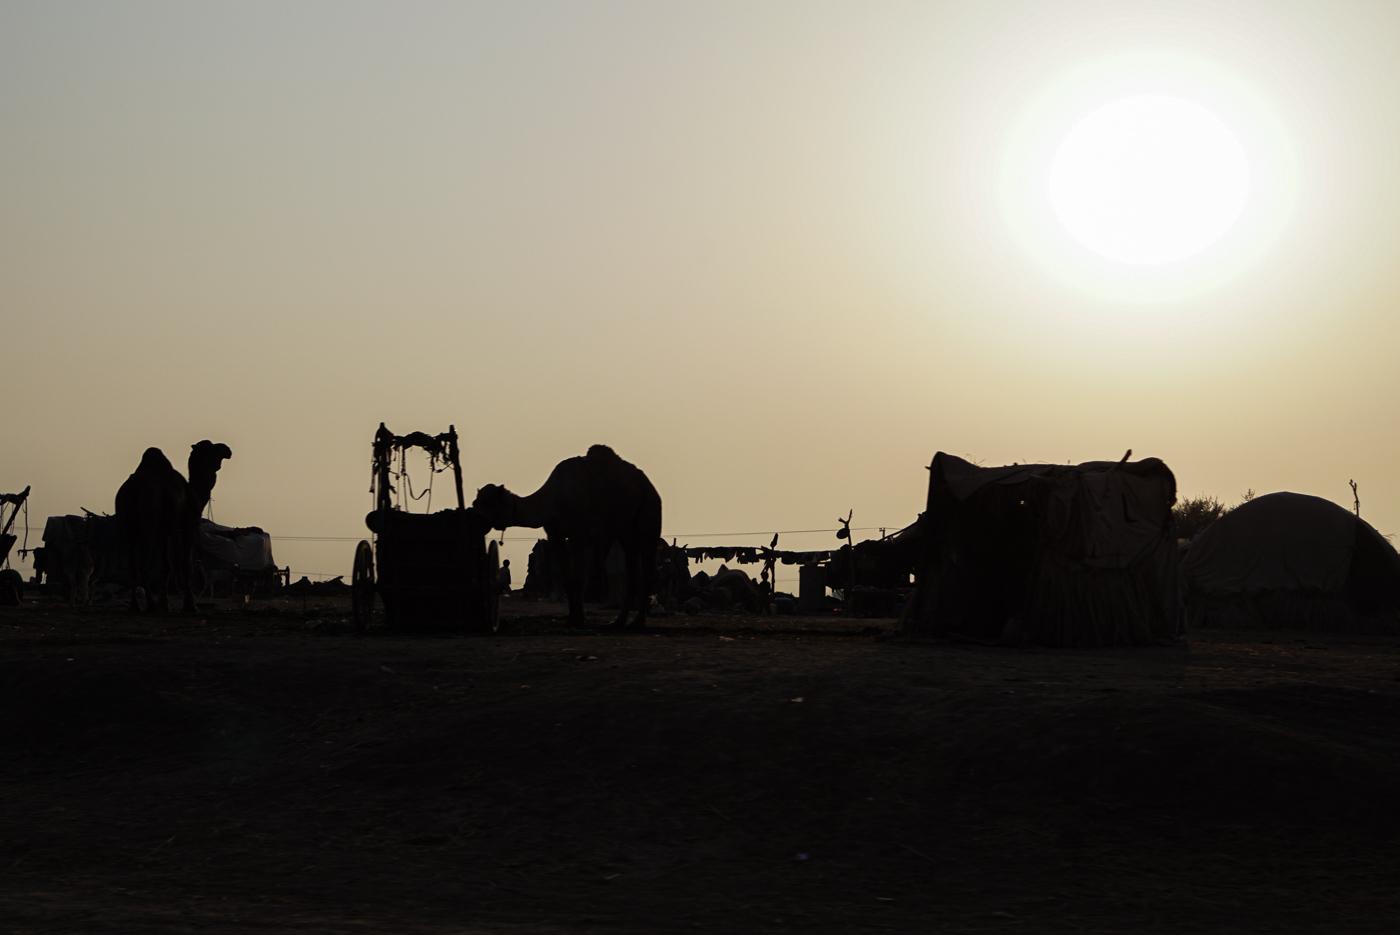 Zu sehen sind zwei Kamele neben einem Gespann. Der Vordergrund ist so gut wie schwarz wodurch sich die Konturen der Kamele und Gegenstände vor dem hellen Himmel klar abzeichnen. In der linken oberen Ecke ist die untergehende Sonne zu sehen.